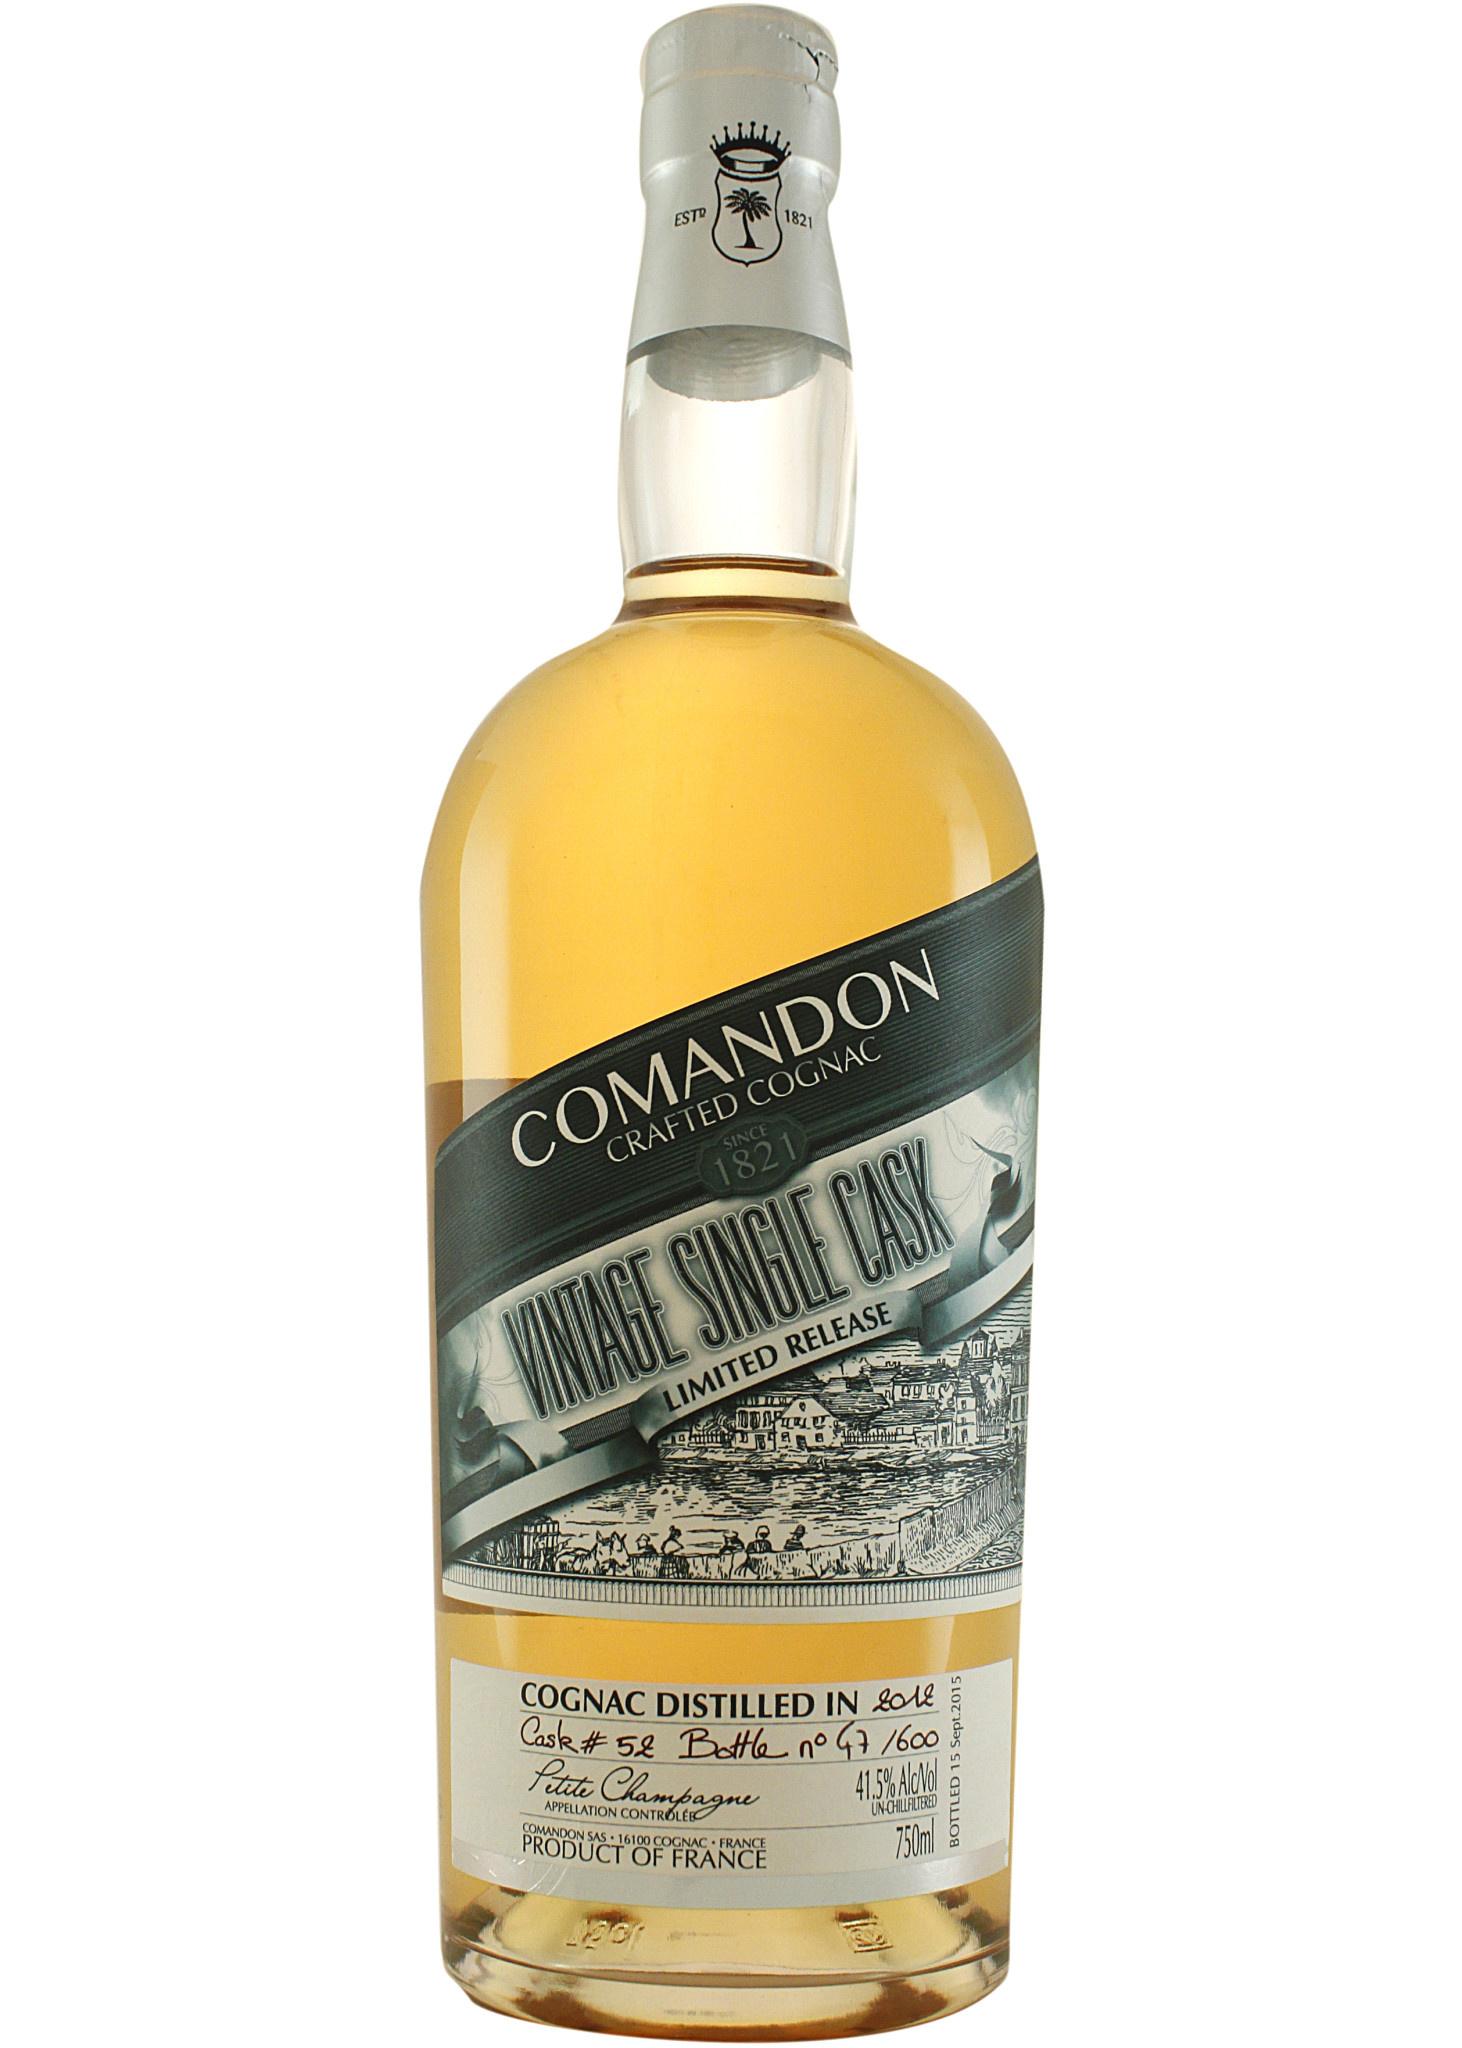 Comandon 2012 Vintage Single Cask Cognac Petit Champagne